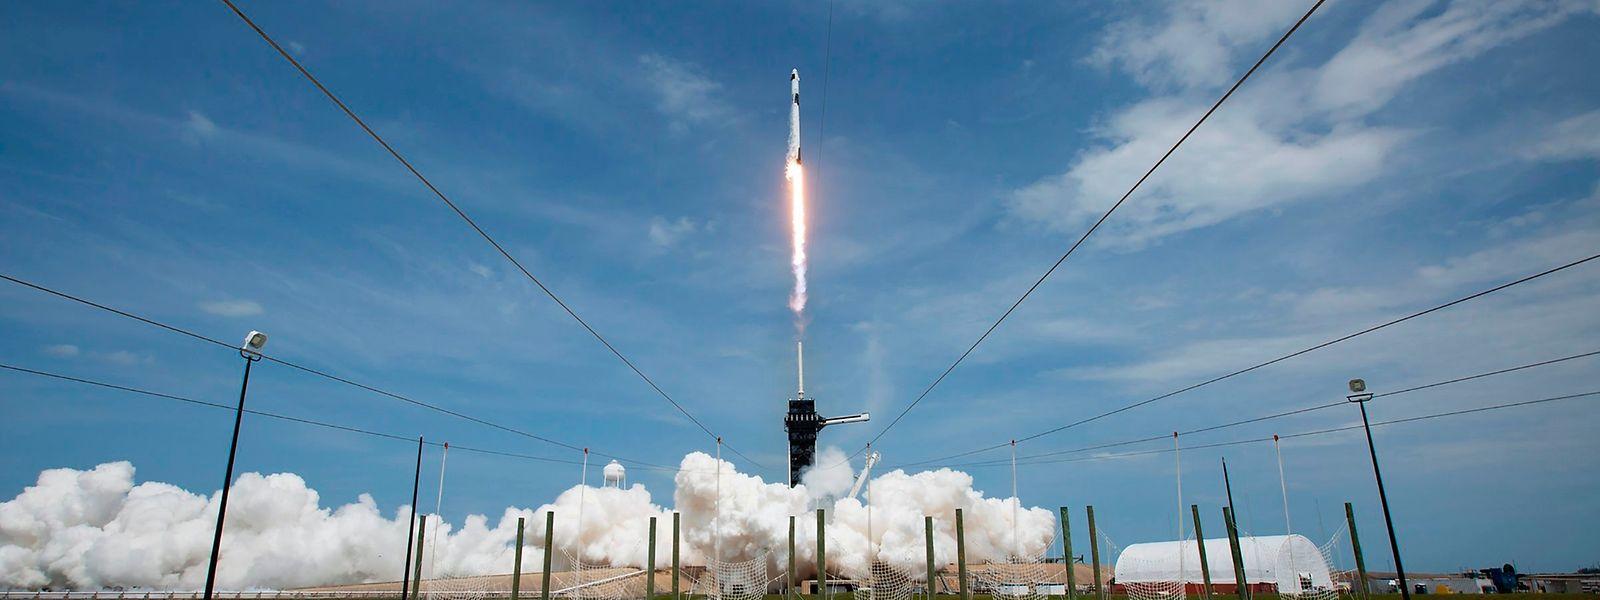 """Am Samstag hatte die Raumkapsel mit einer """"Falcon 9""""-Rakete vom Weltraumbahnhof Cape Canaveral abgehoben."""